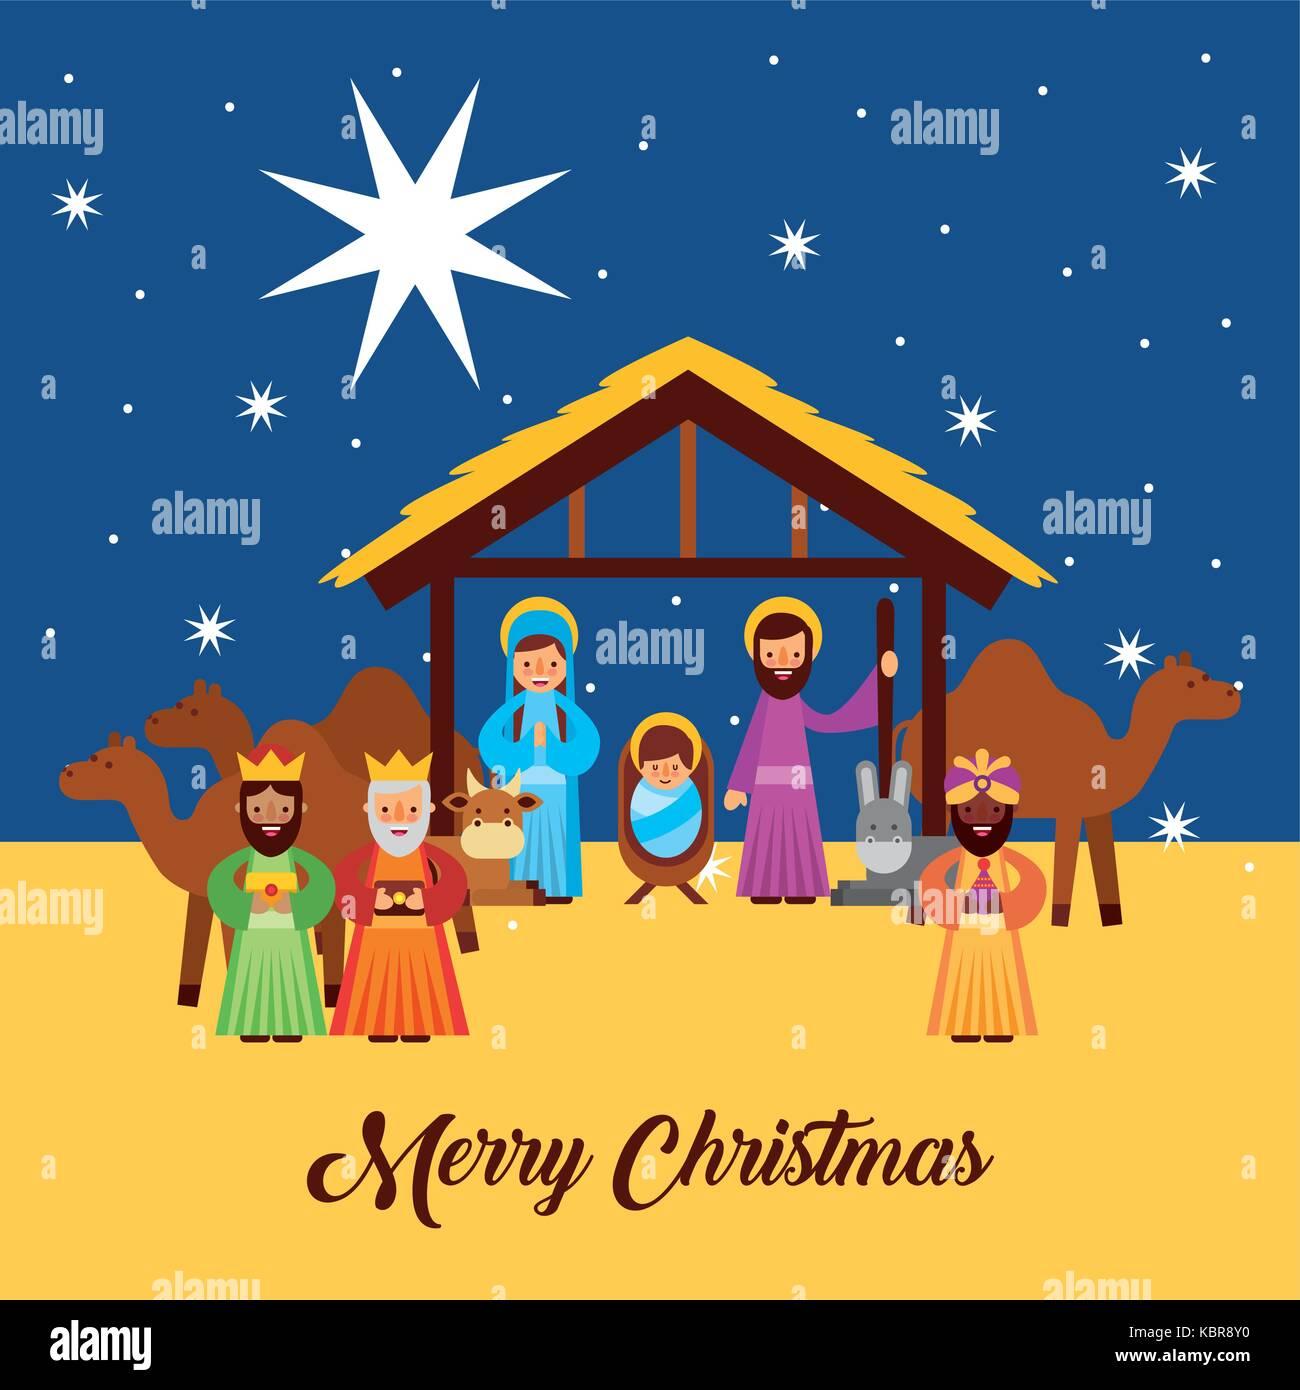 Weihnachten Krippe Bilder.Frohe Weihnachten Grüße Mit Jesus In Der Krippe Maria Und Josef